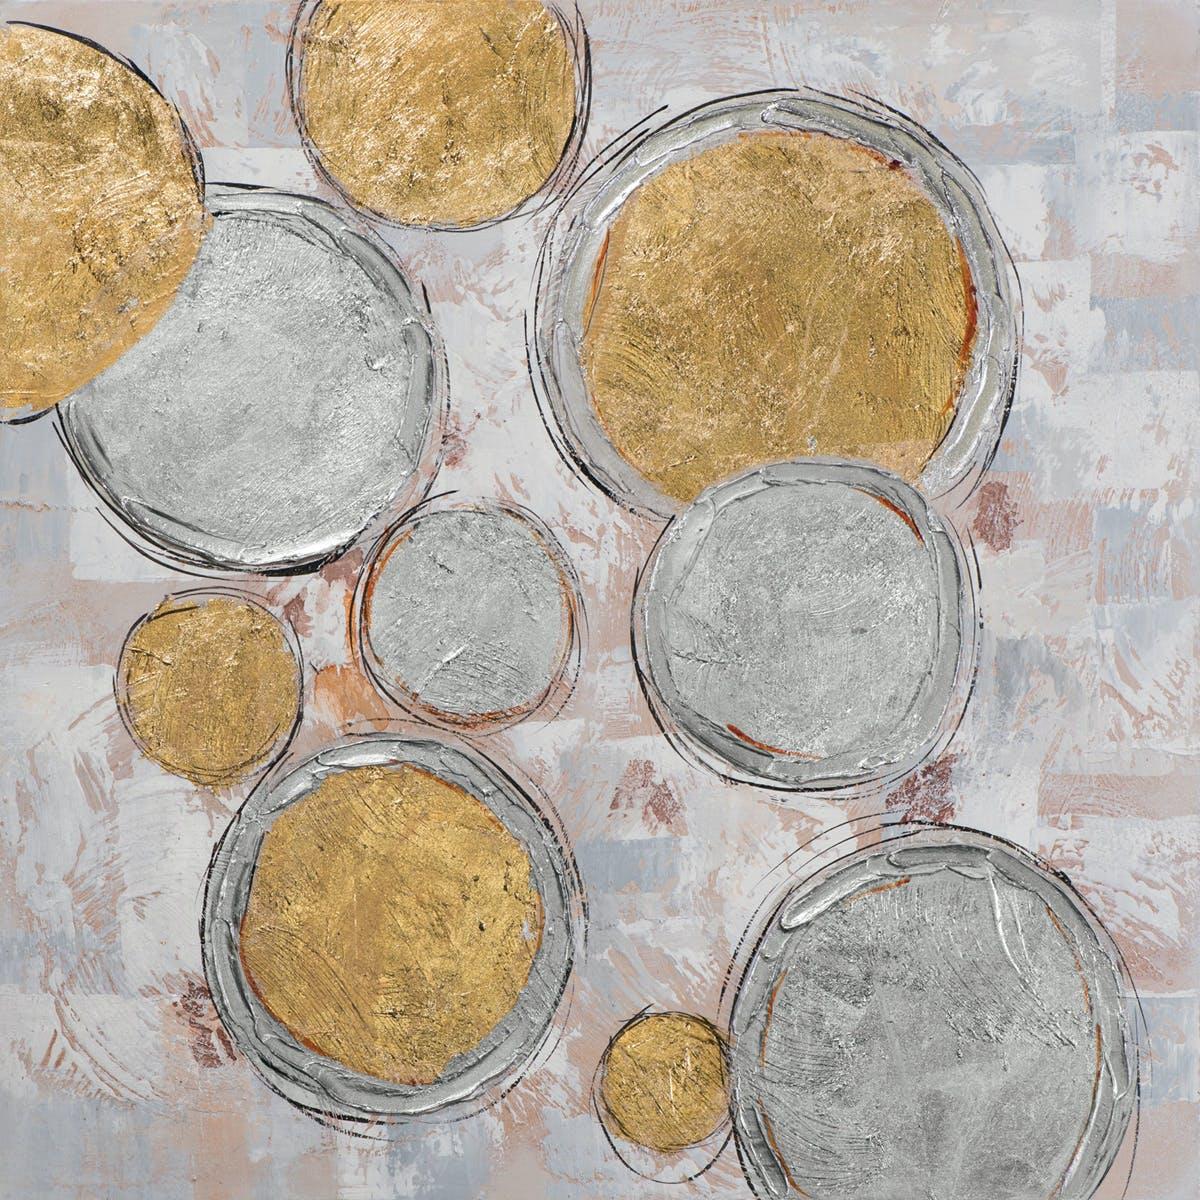 Tableau Abstrait 70x70 Argenté Doré. Peinture acrylique et feuilles métal